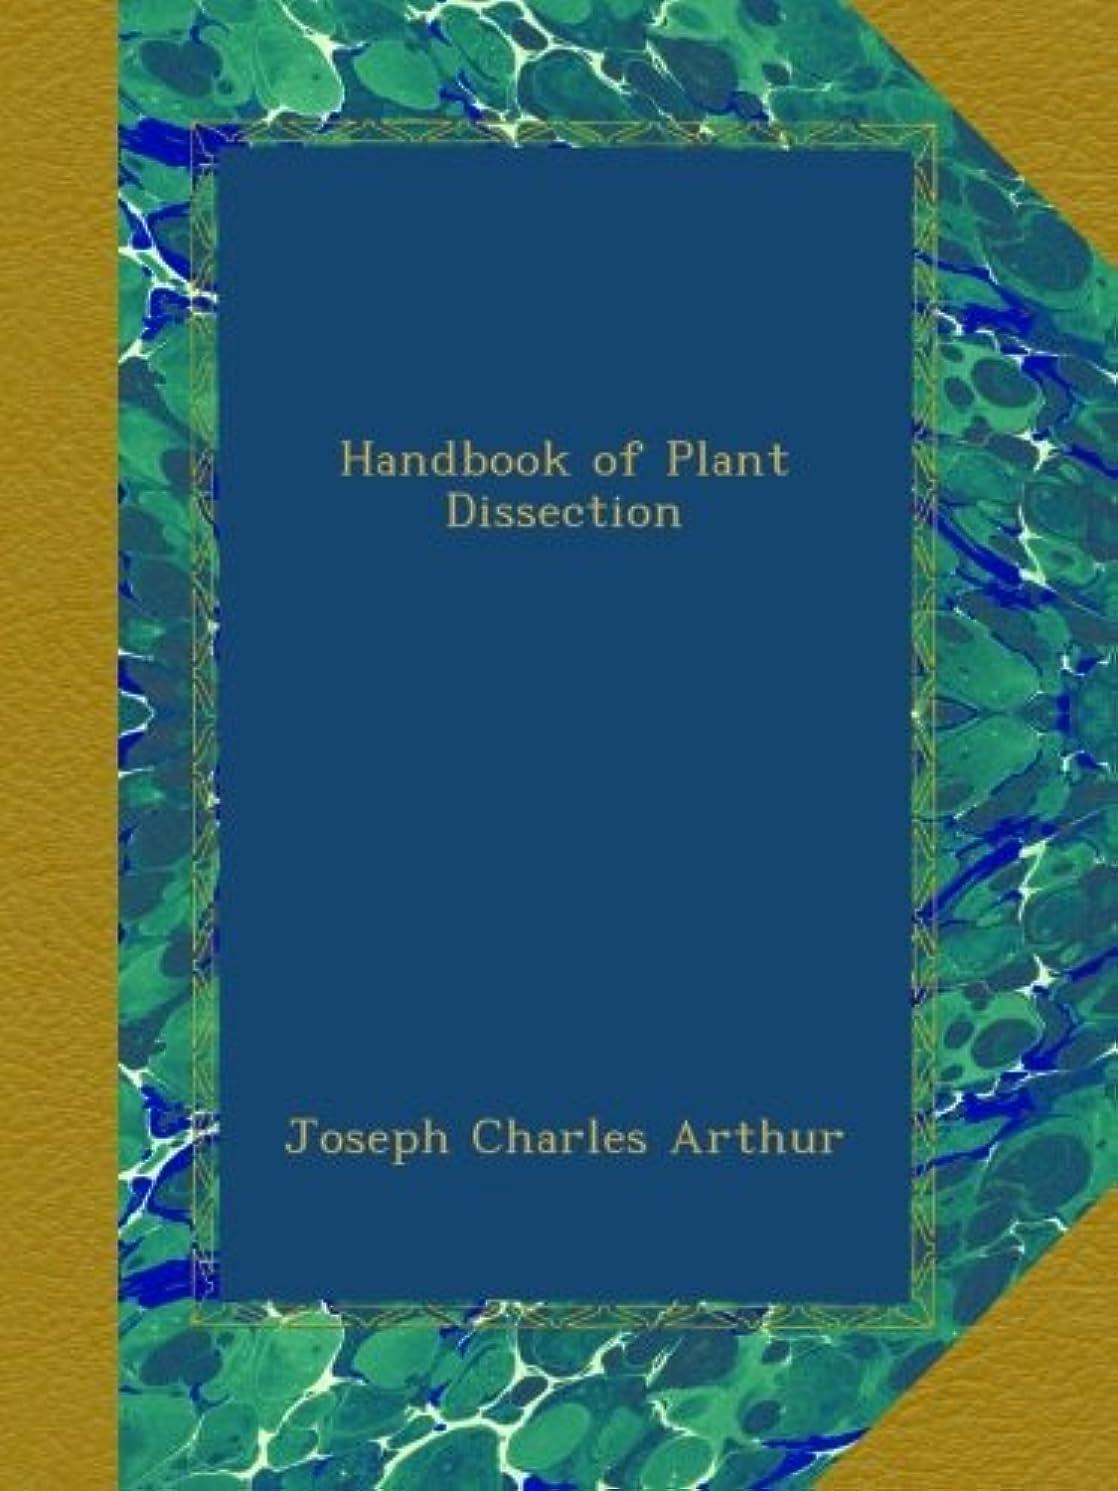 バブル埋め込む祭司Handbook of Plant Dissection